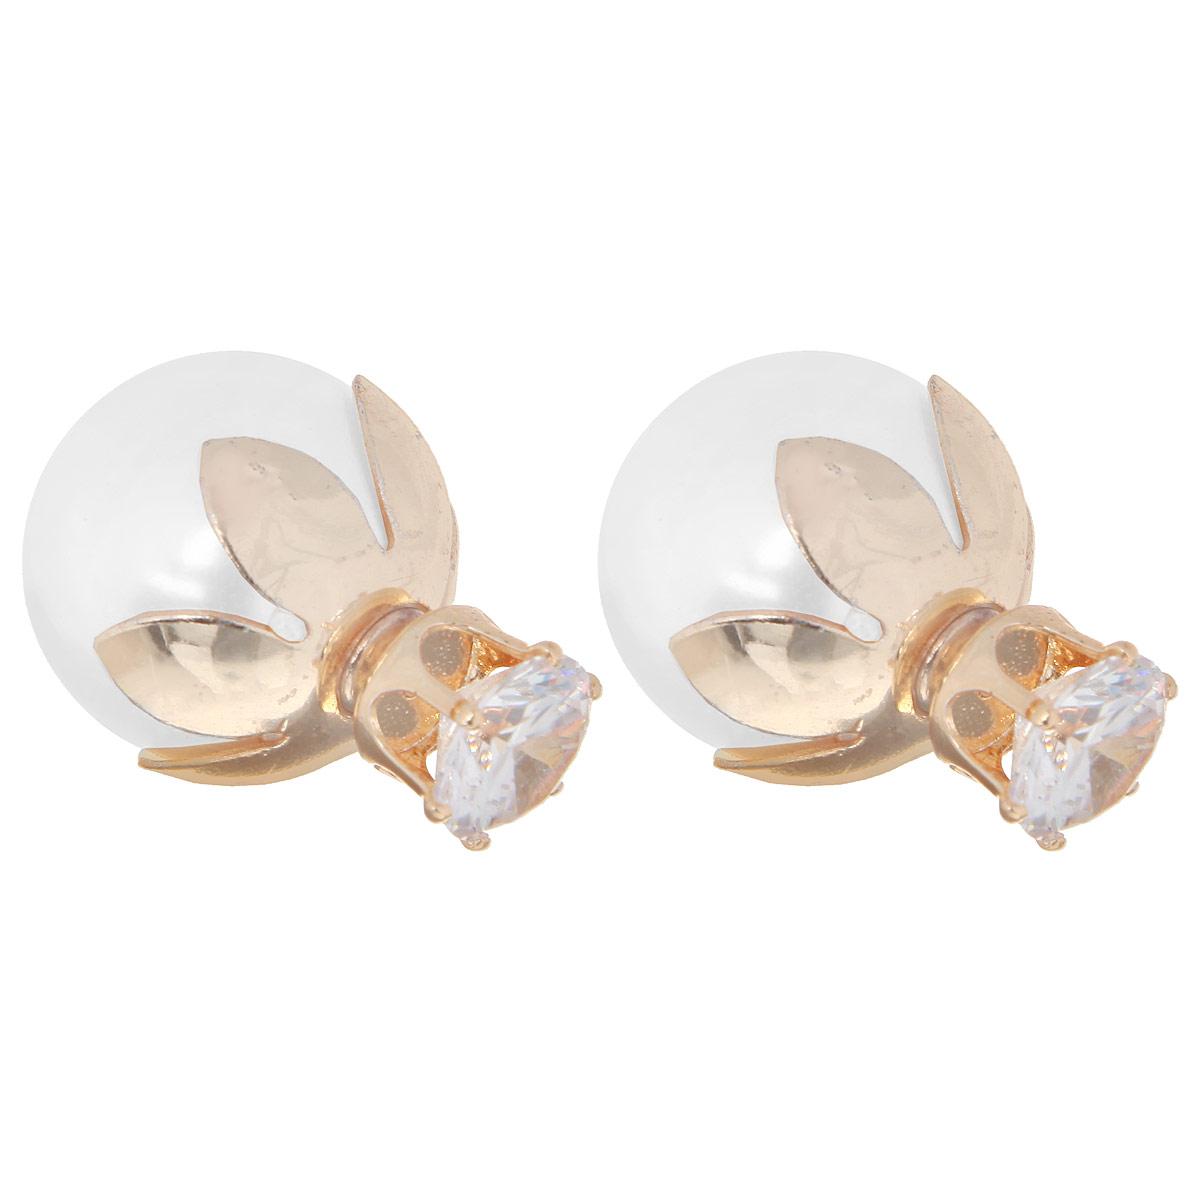 Серьги Taya, цвет: перламутровый. T-B-10008-EARR-PEARLT-B-10008-EARR-PEARLОригинальные серьги модного дизайна создают яркий и запоминающийся образ.